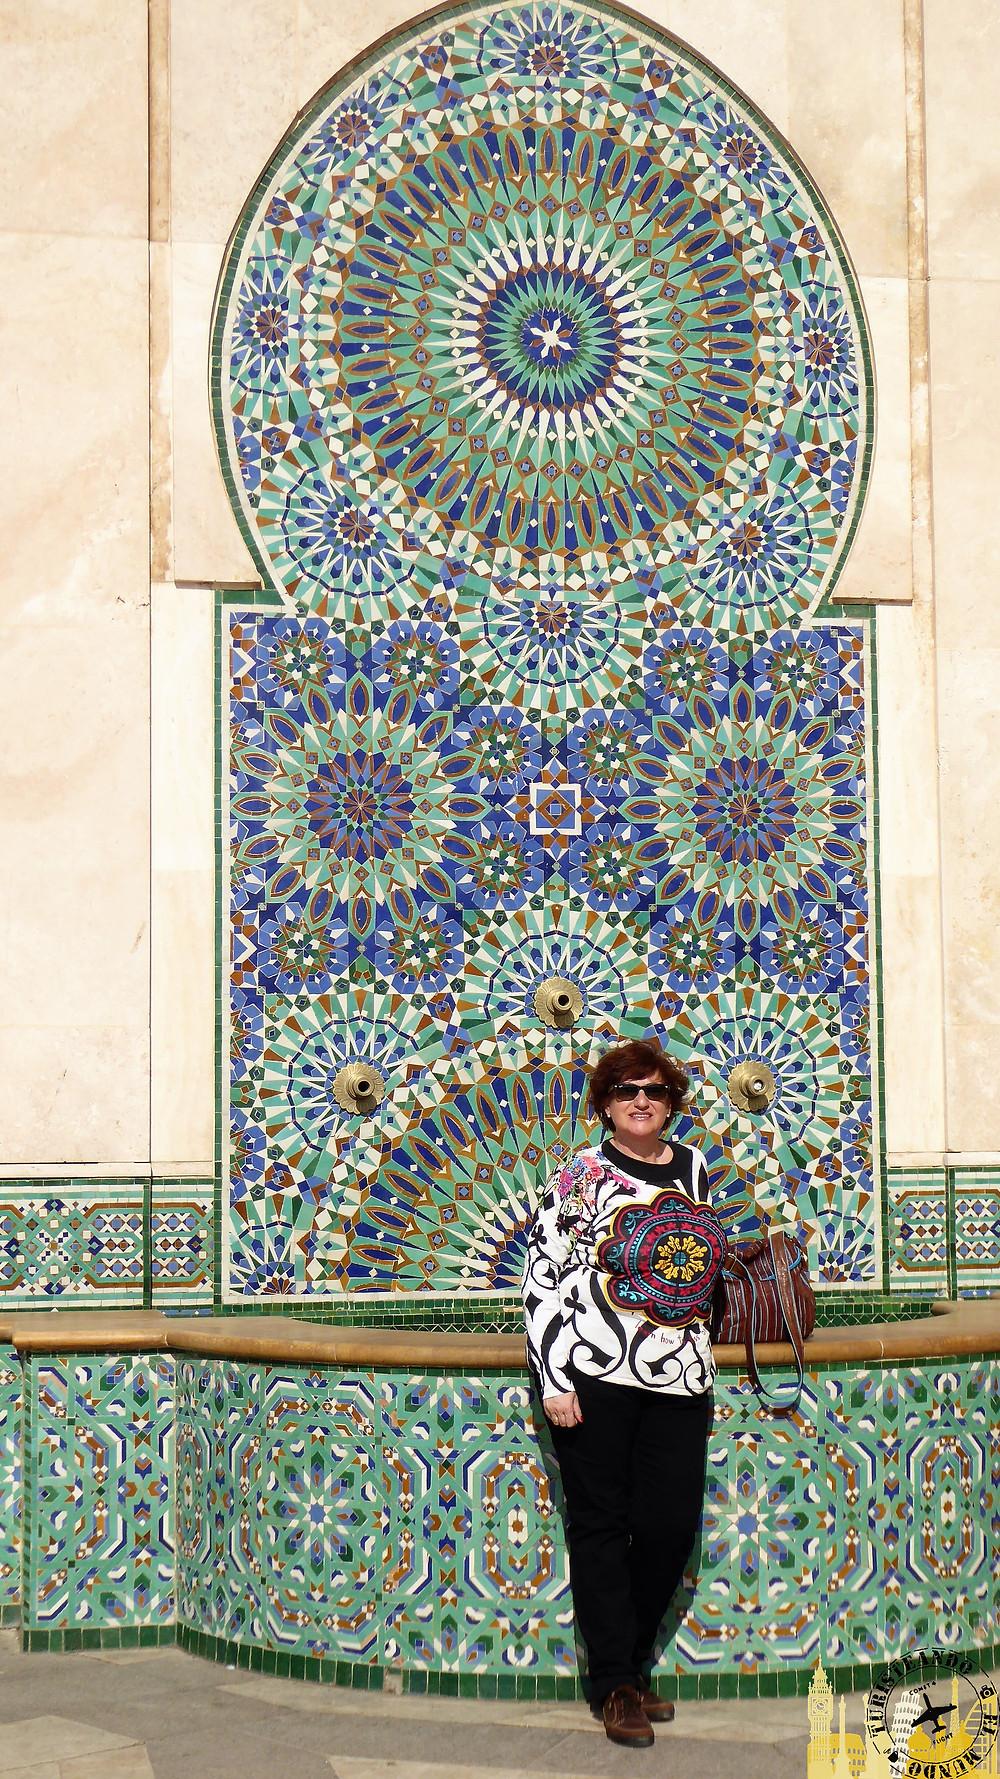 Mezquita de Hassan II, Casablanca (Marruecos)